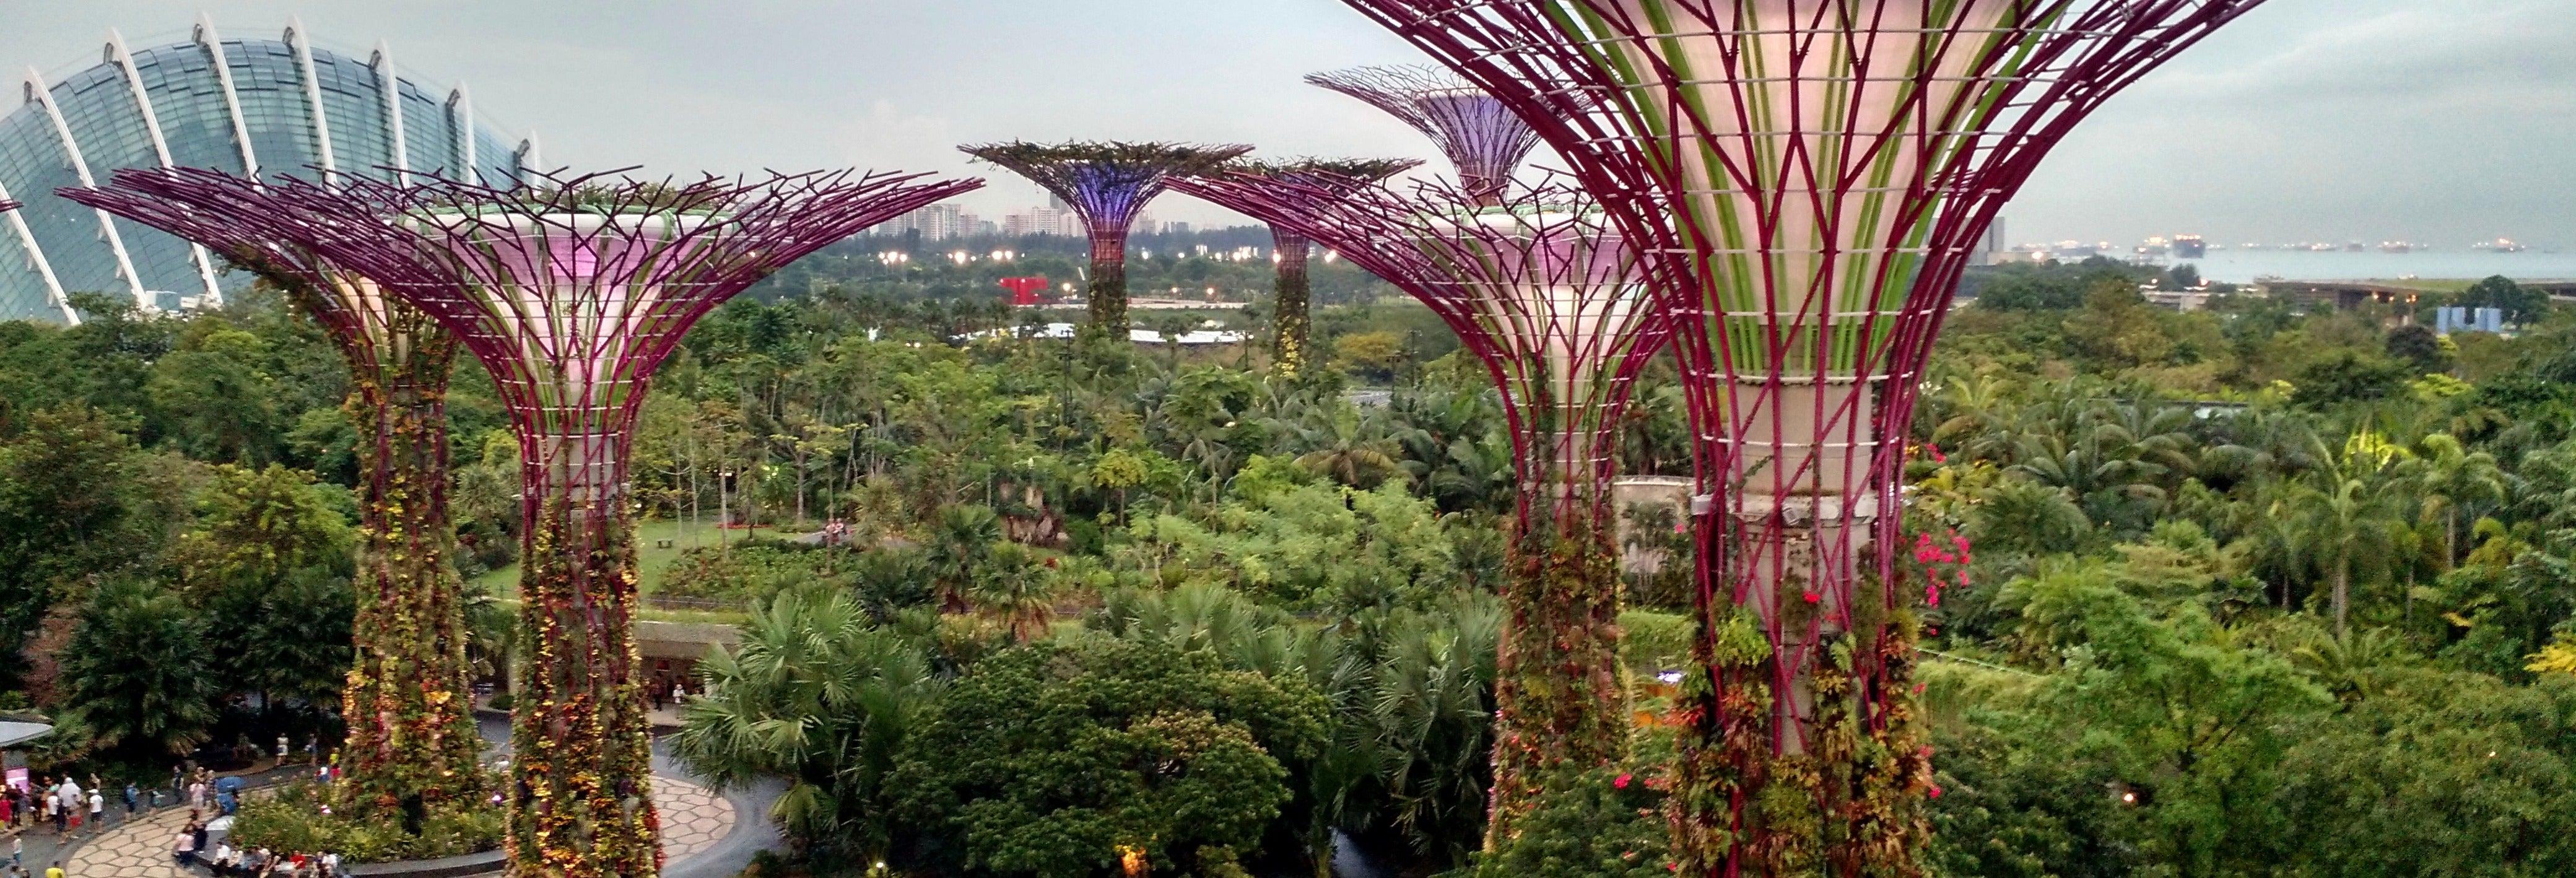 Tour privado por Marina Bay Sands e Gardens by the Bay